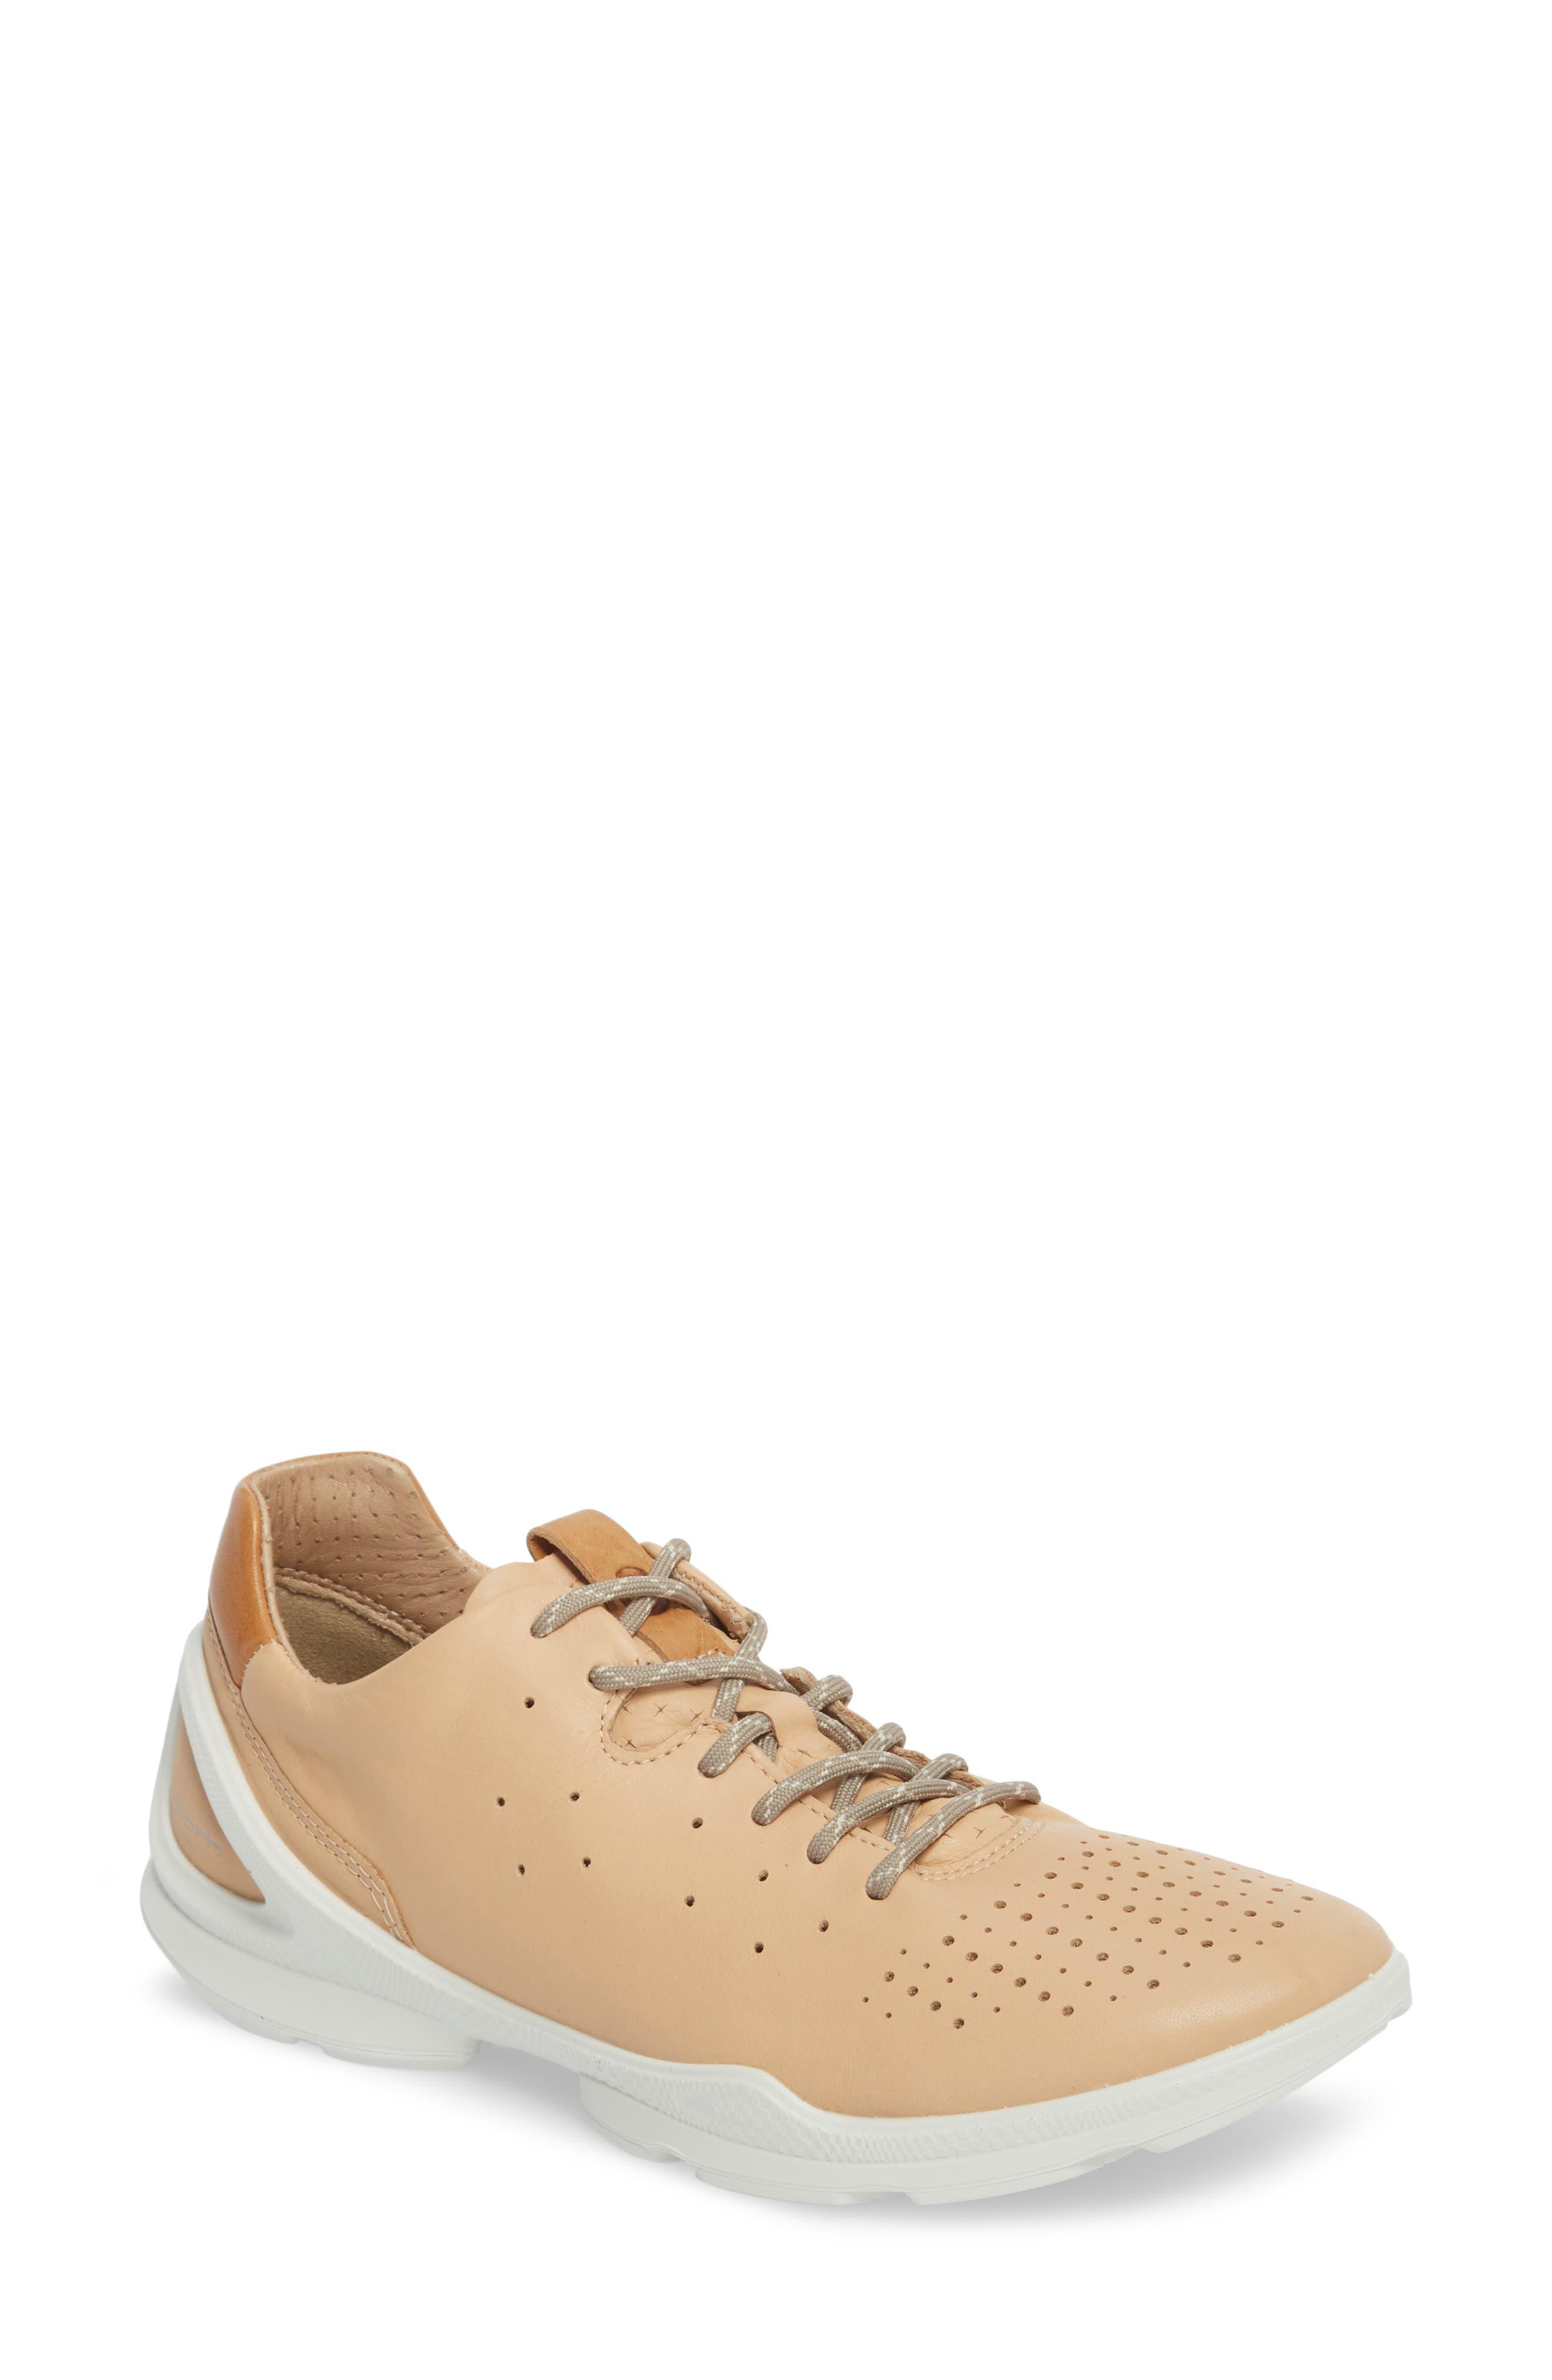 Biom Street Sneaker,                         Main,                         color, 024